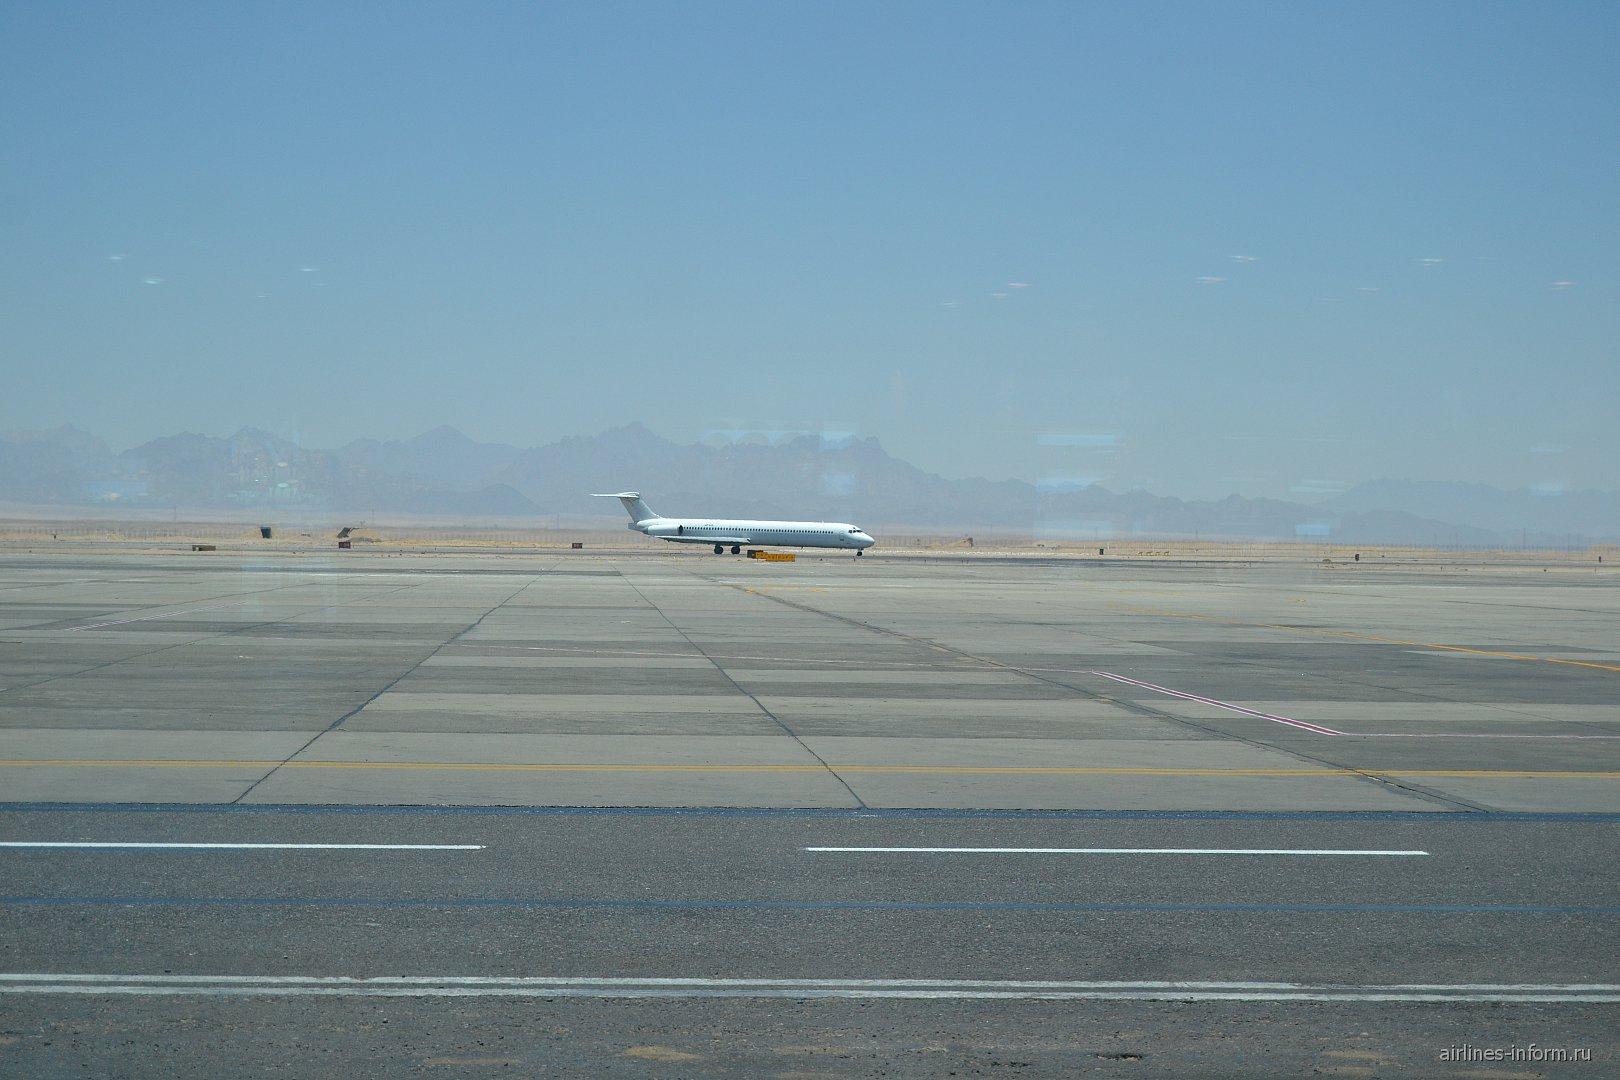 MD-83 компании Авиатранс К в аэропорту Хургада